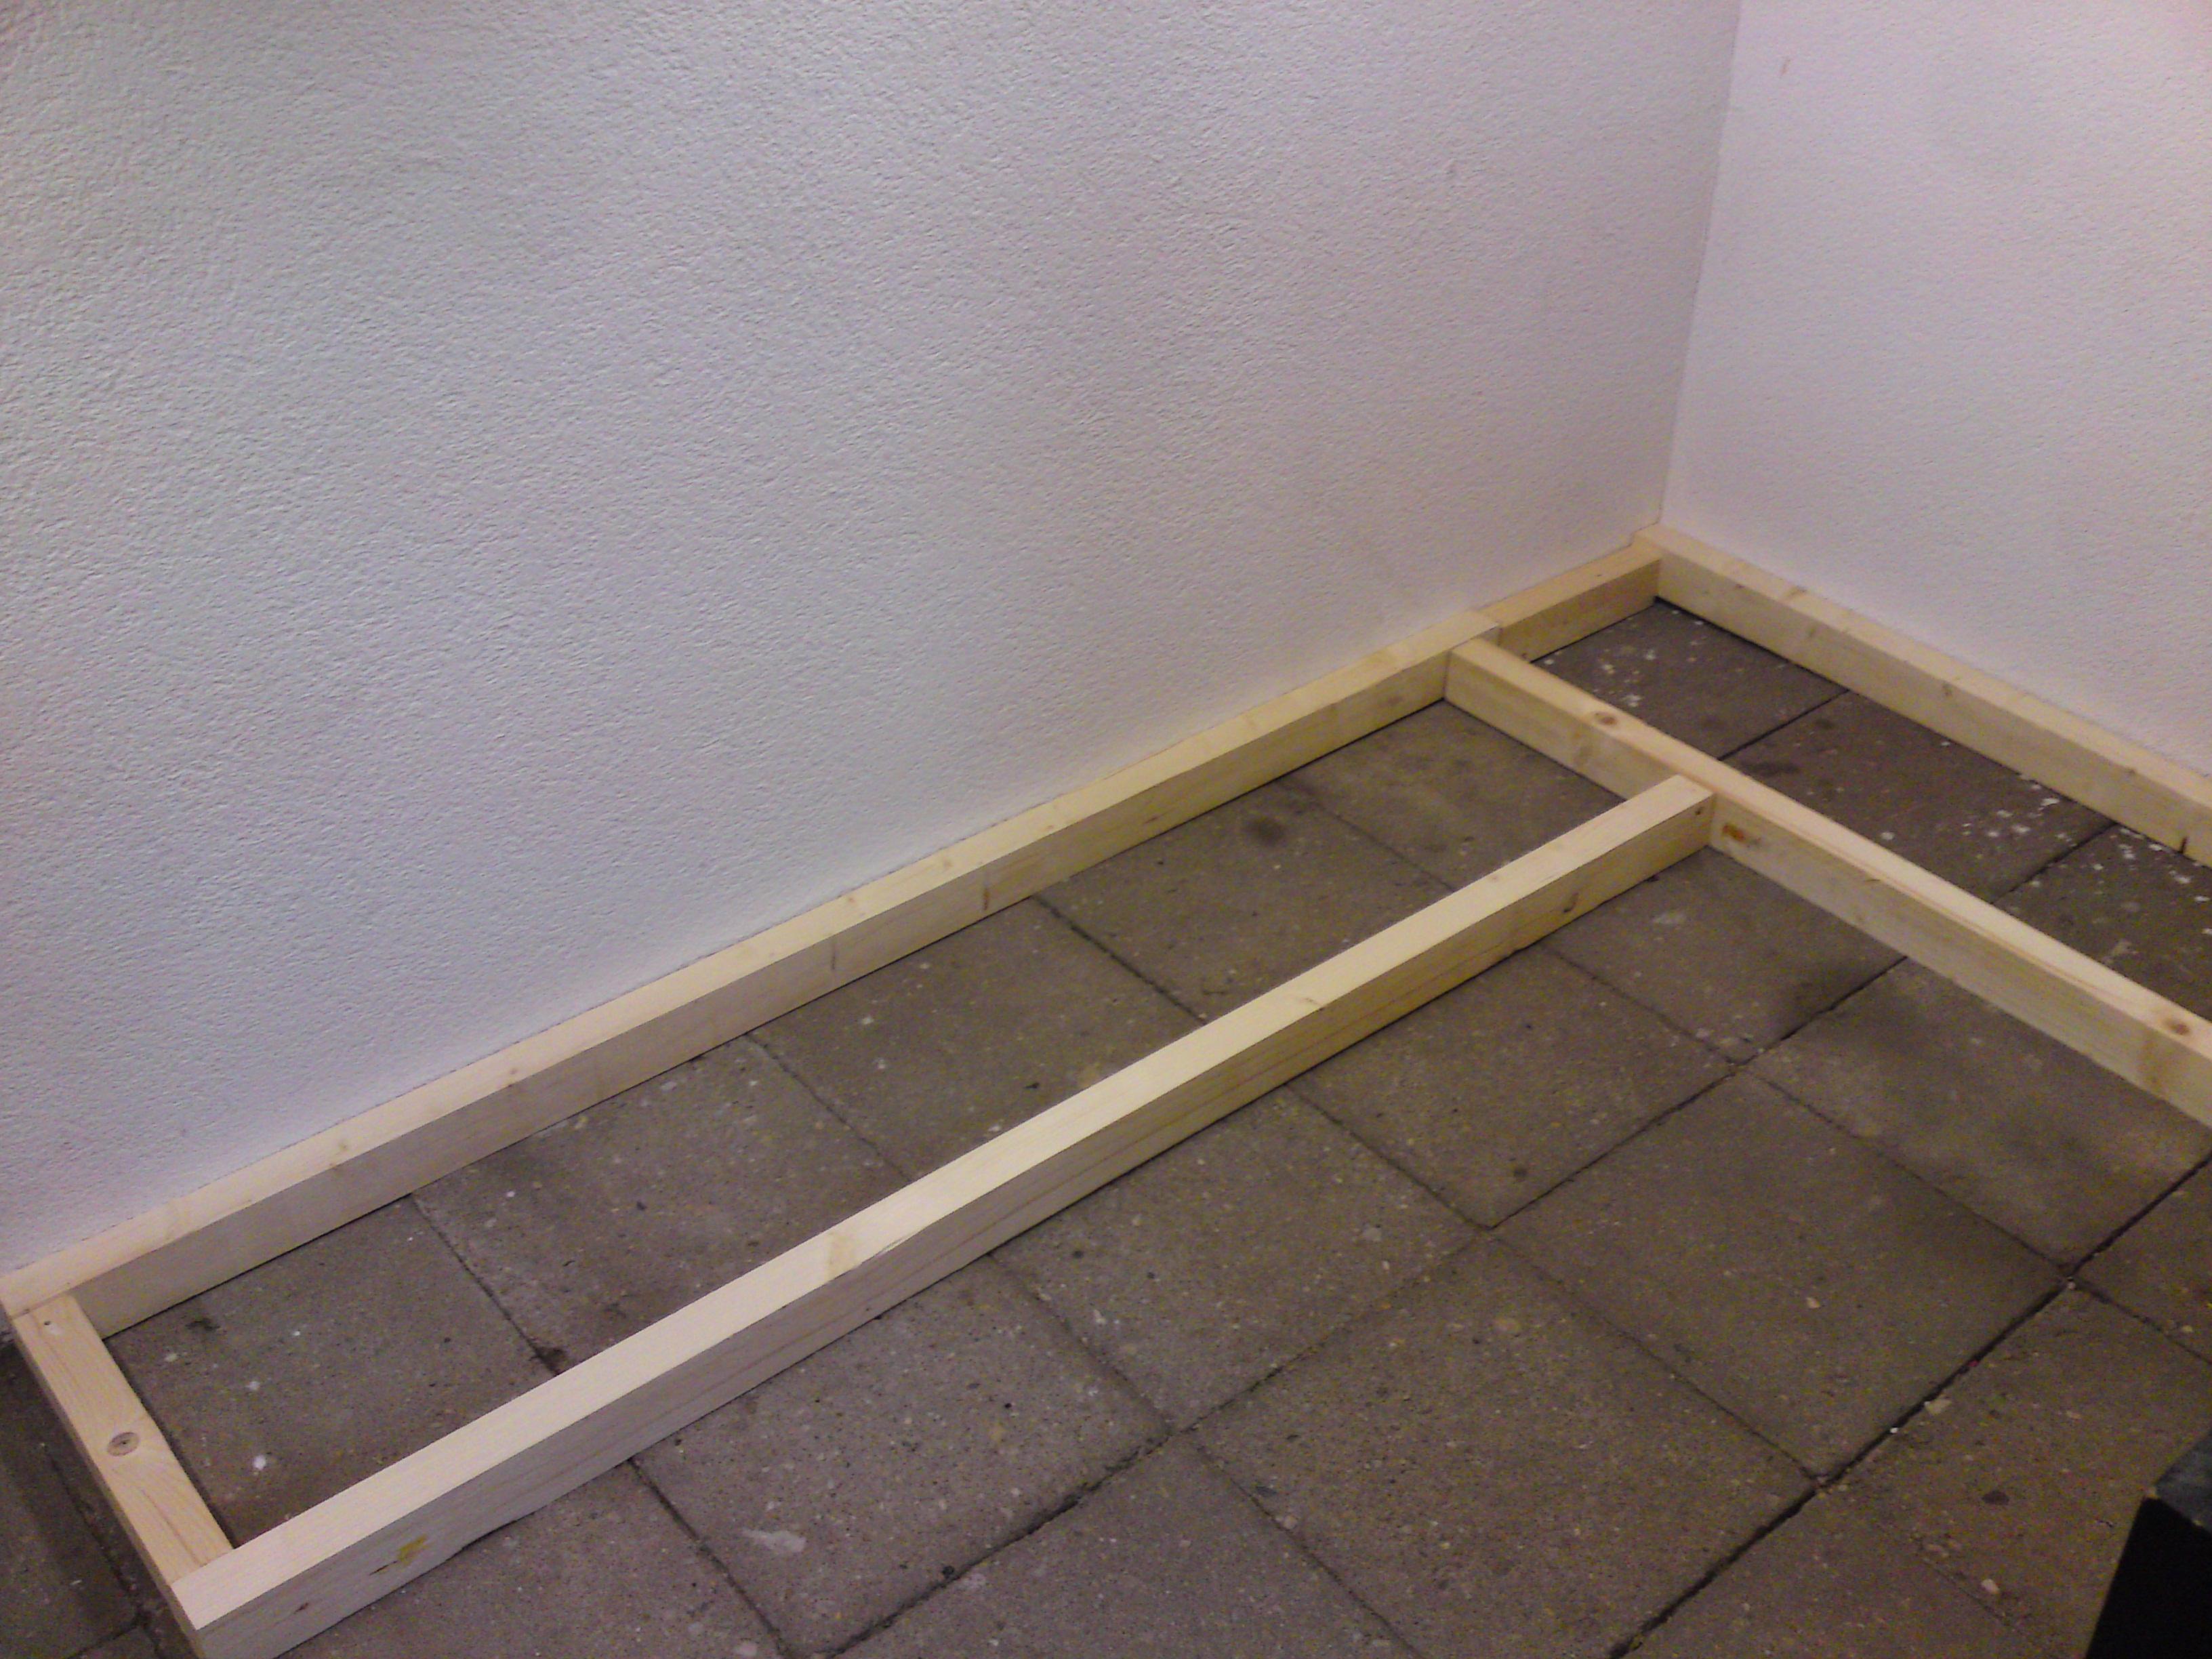 werkbank bauen mit einer arbeitsplatte zur stabilen werkbank. Black Bedroom Furniture Sets. Home Design Ideas